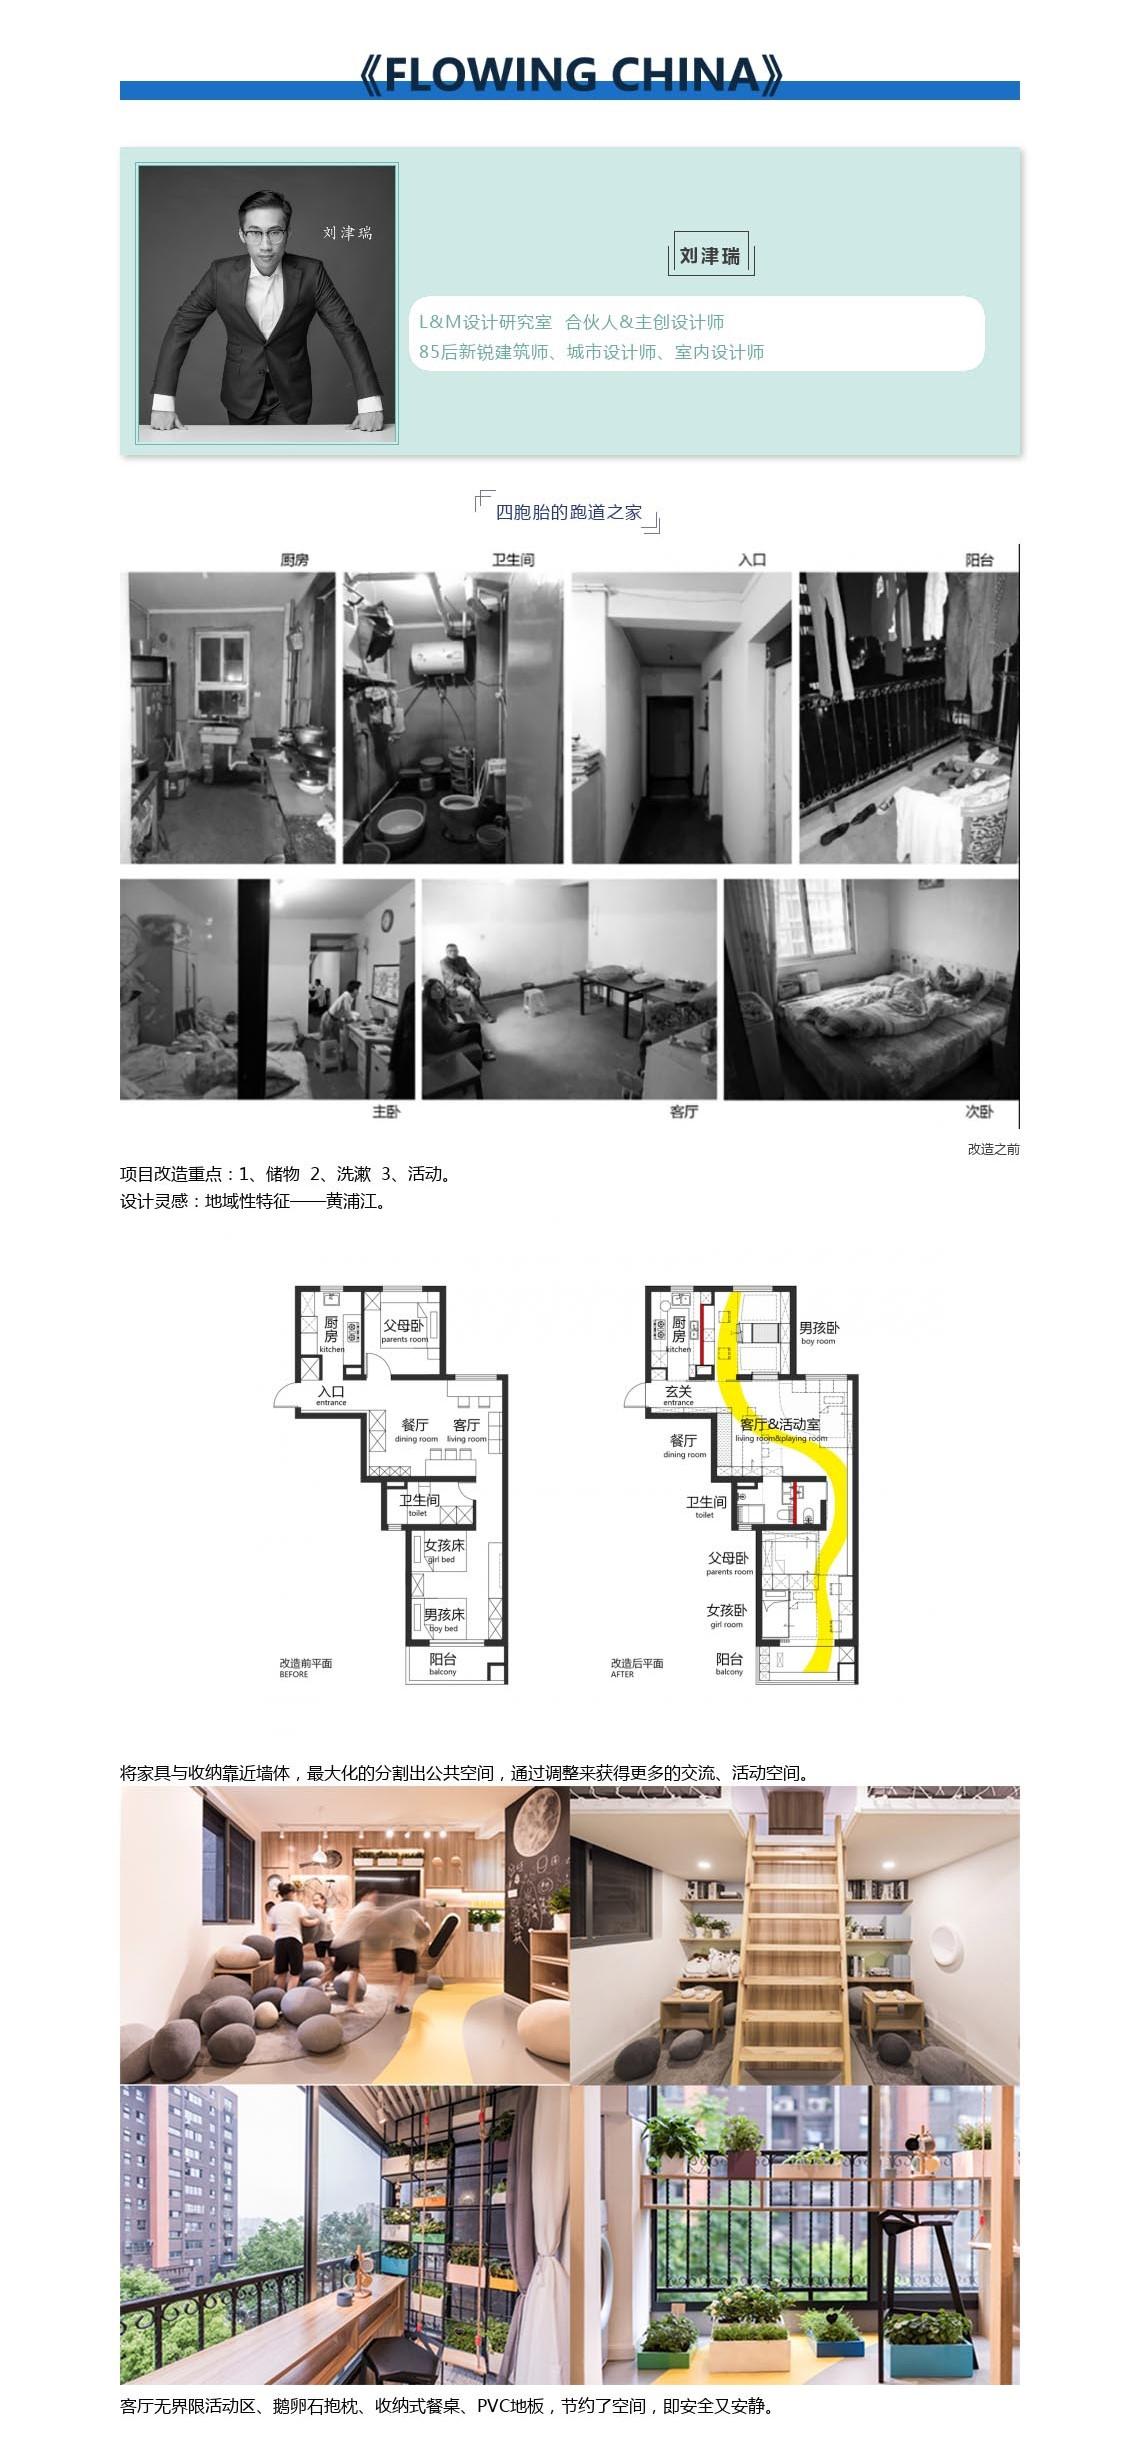 刘津瑞,L&M设计研究室,主创设计师,85后新锐建筑师,城市设计师,室内改造